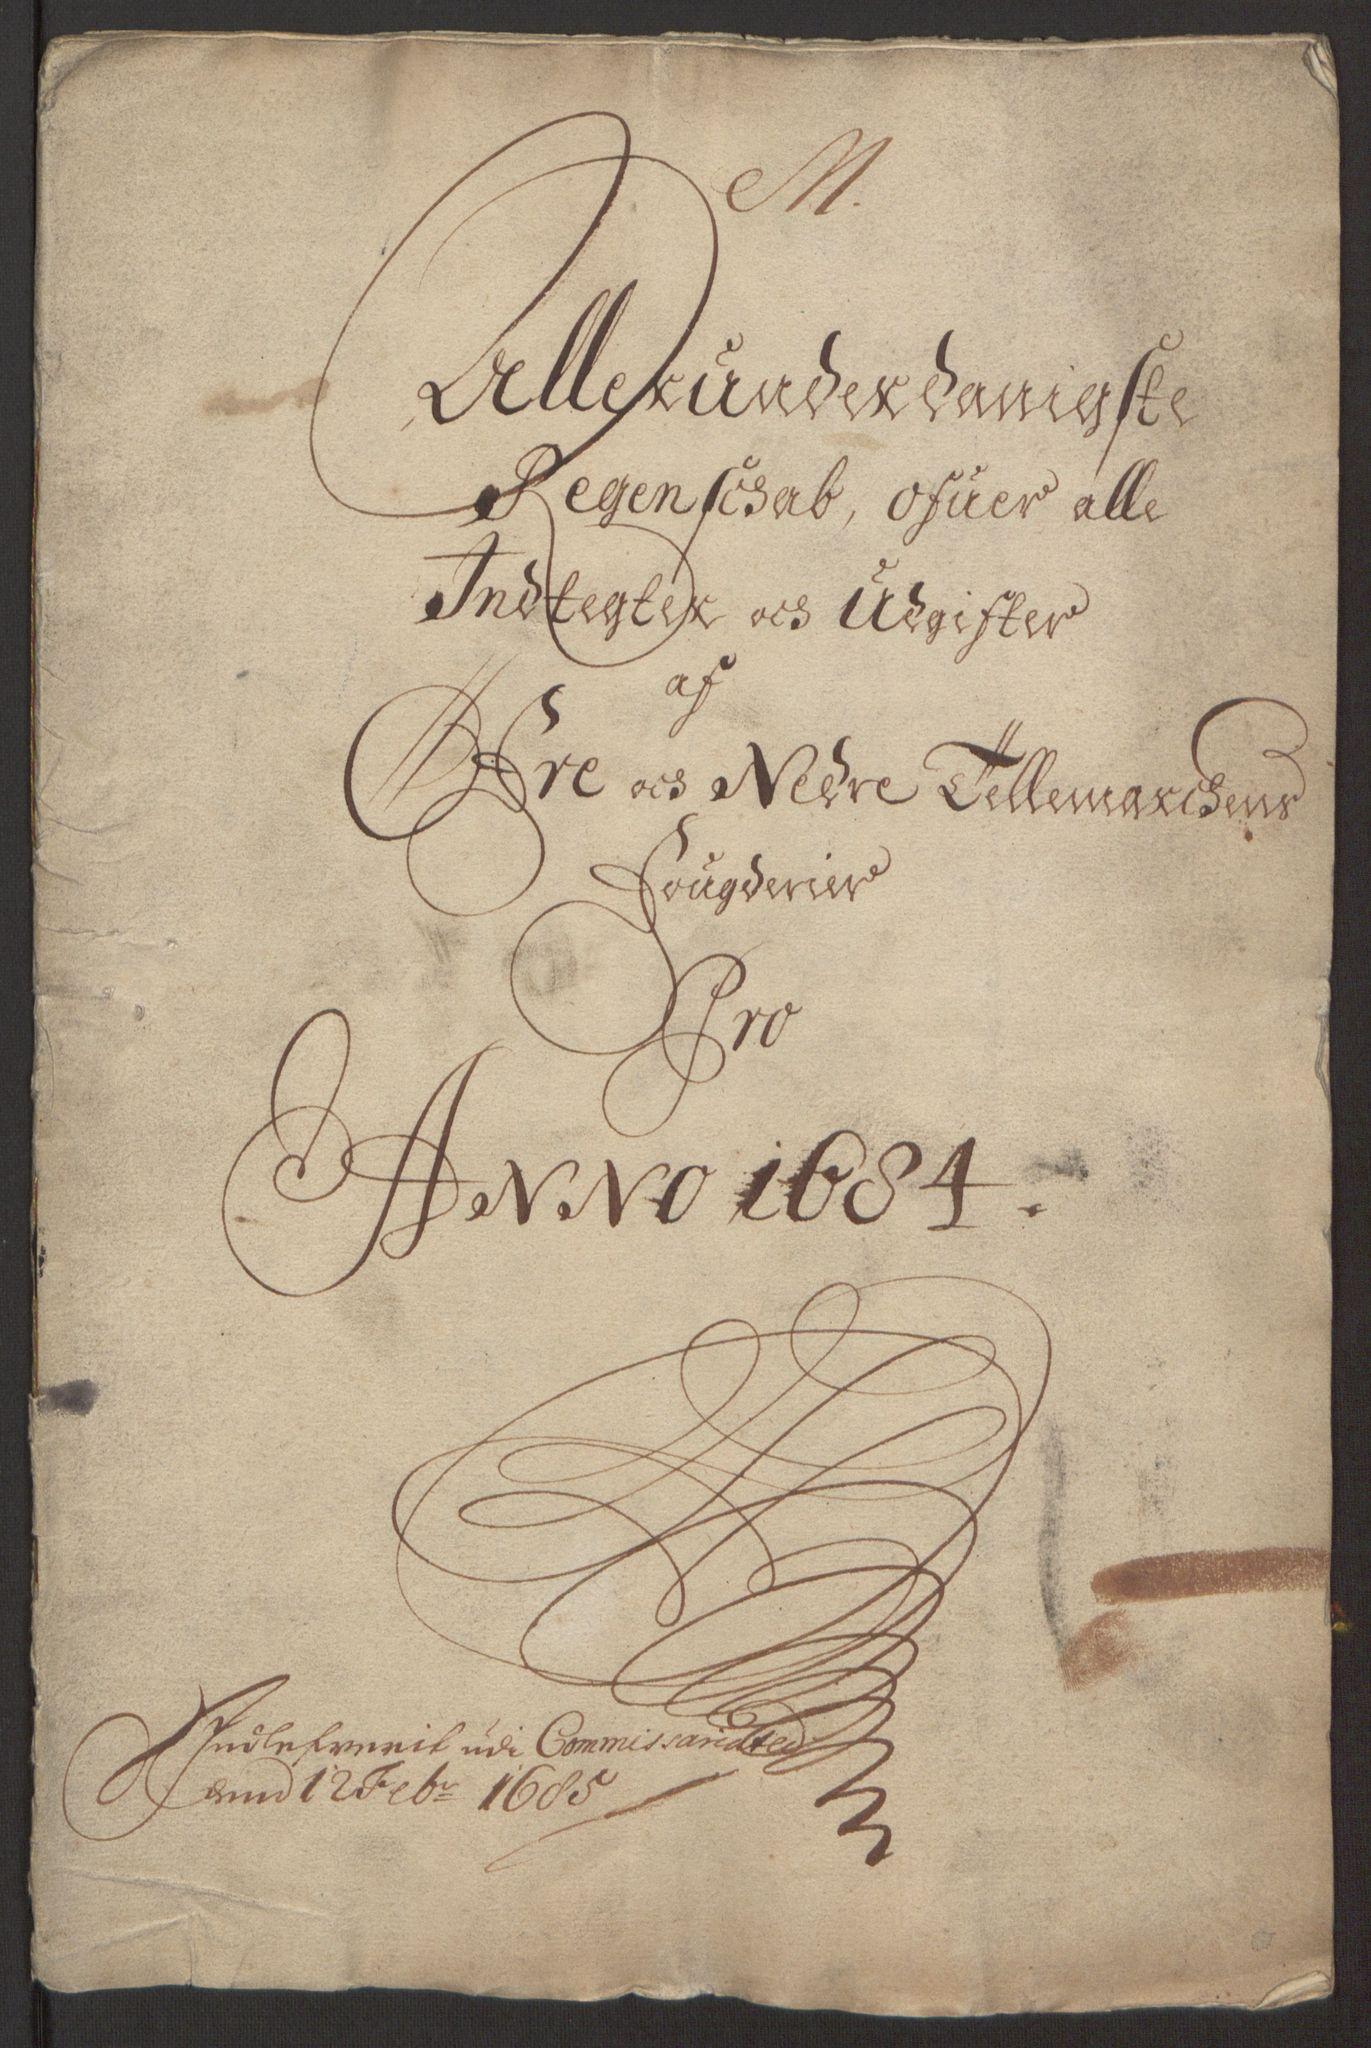 RA, Rentekammeret inntil 1814, Reviderte regnskaper, Fogderegnskap, R35/L2081: Fogderegnskap Øvre og Nedre Telemark, 1680-1684, s. 3